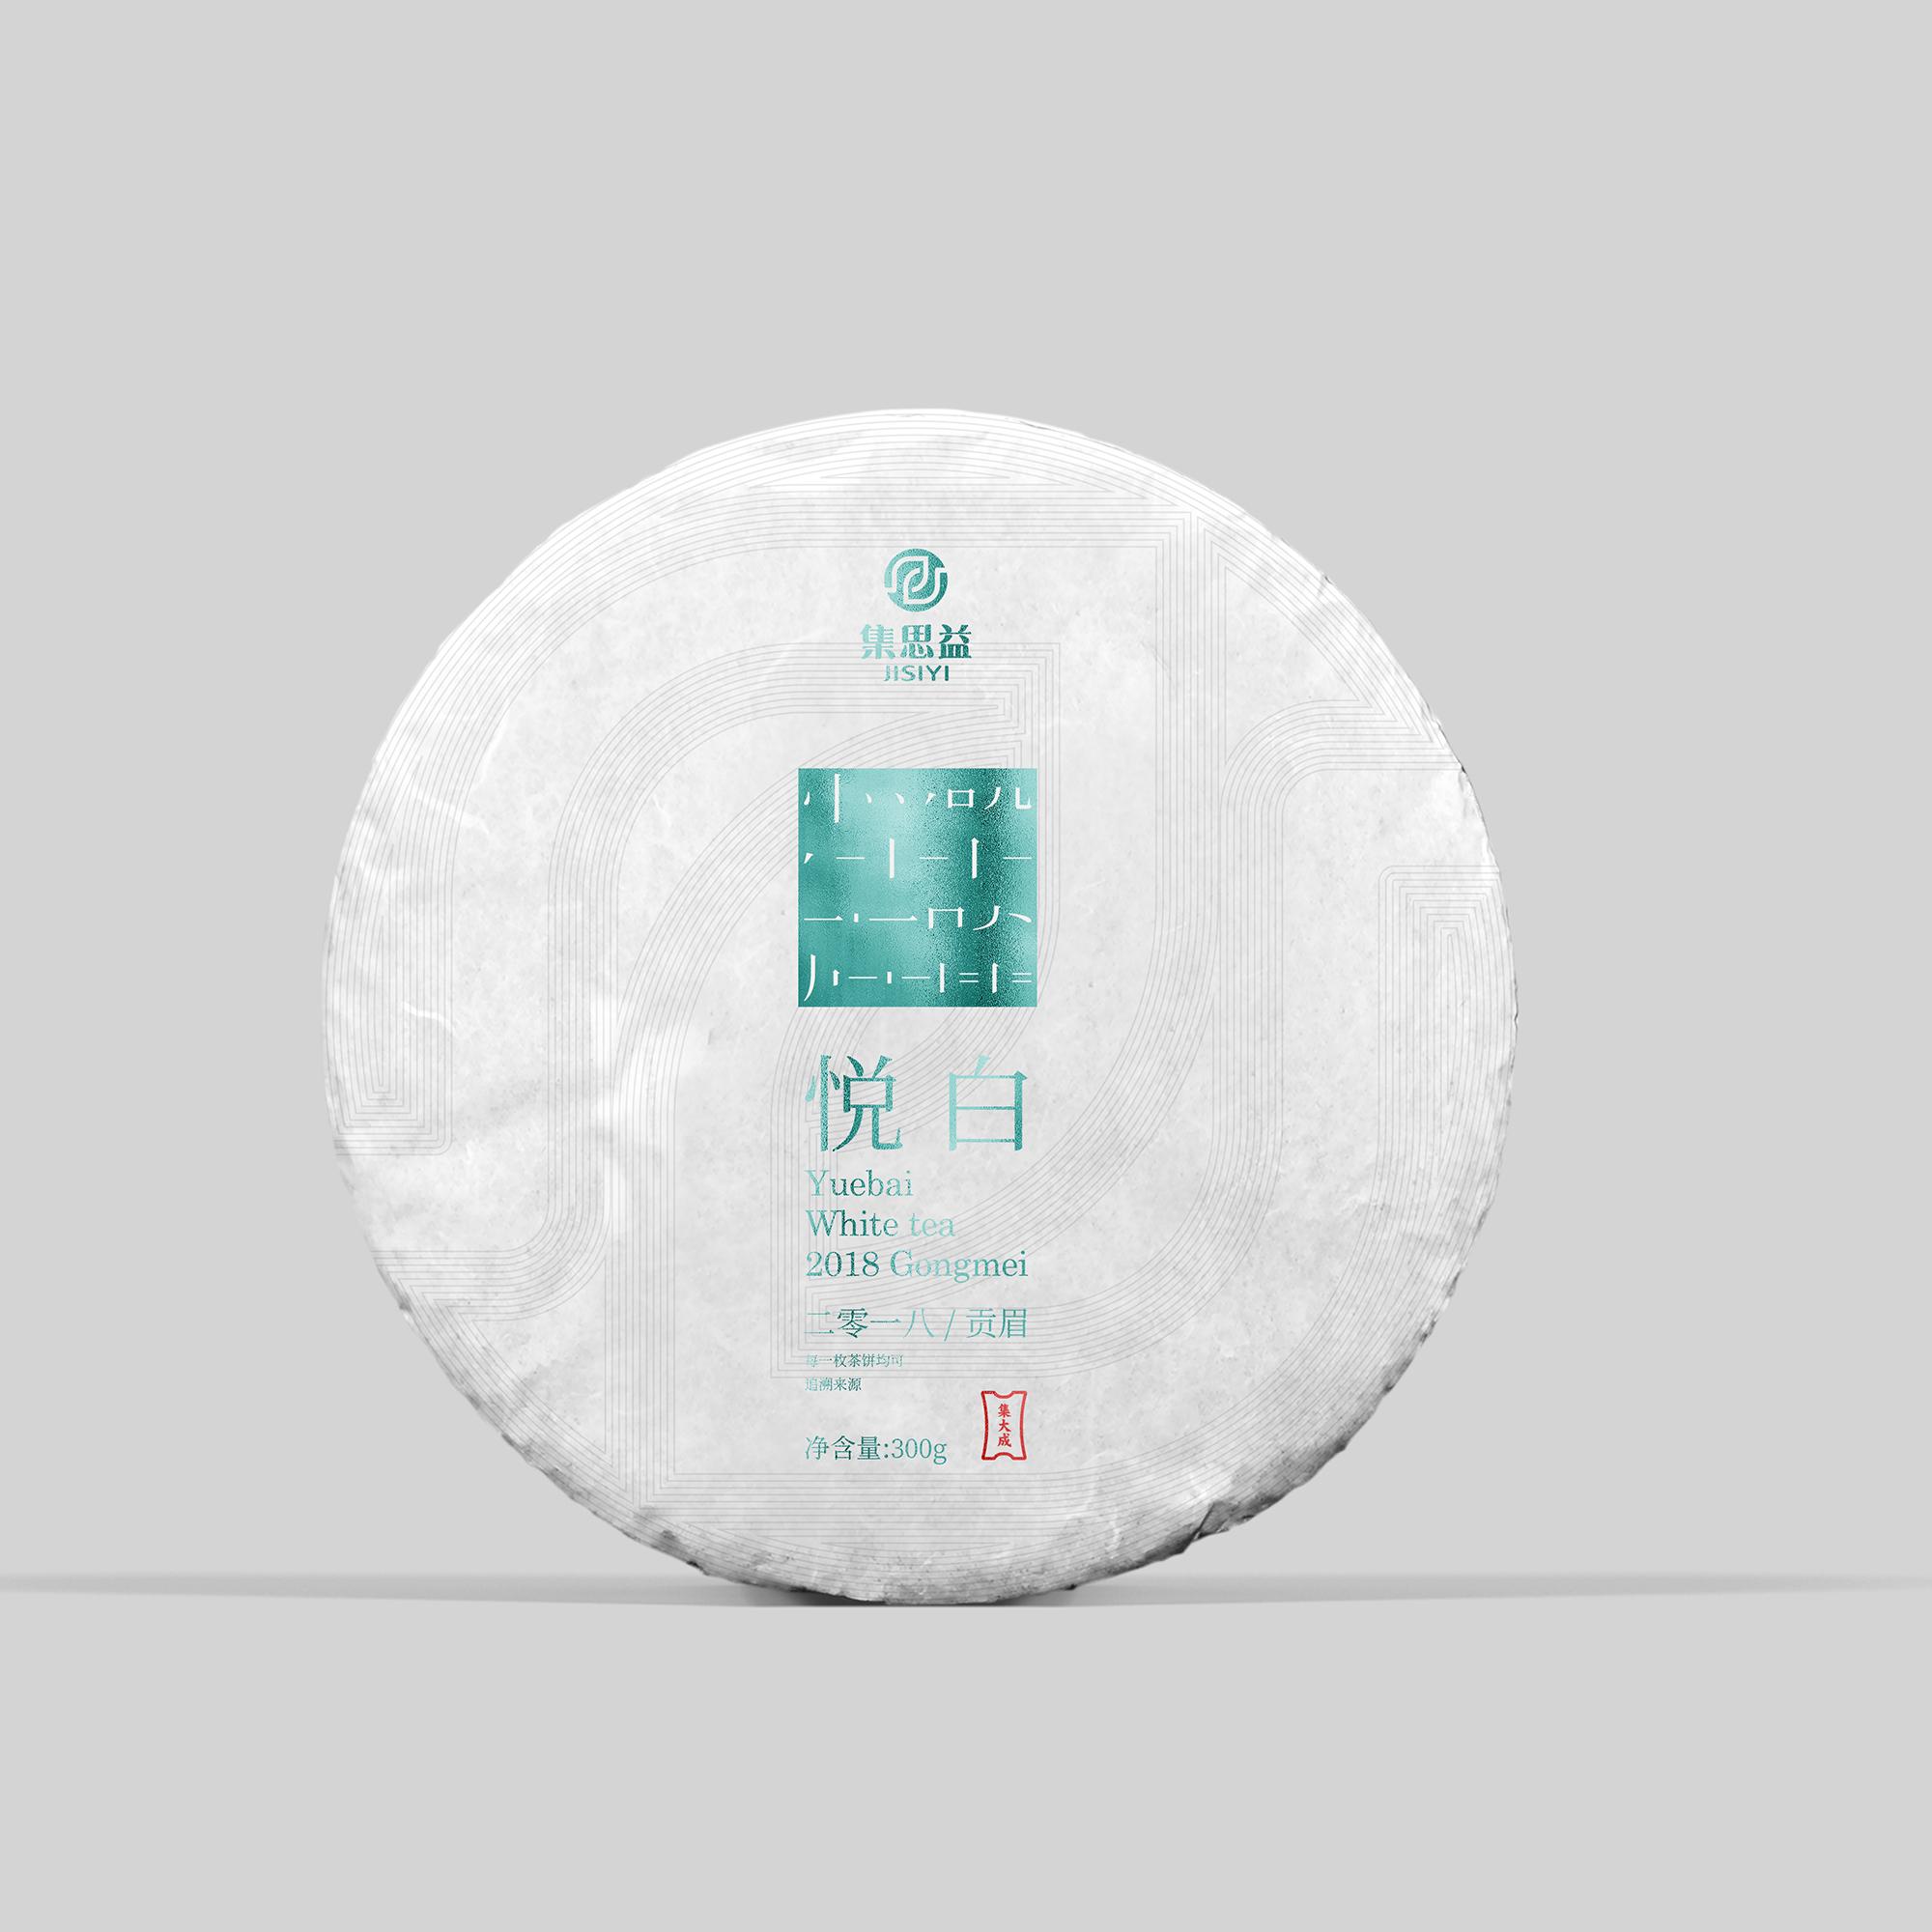 茶叶包装悦白贡眉—意形社